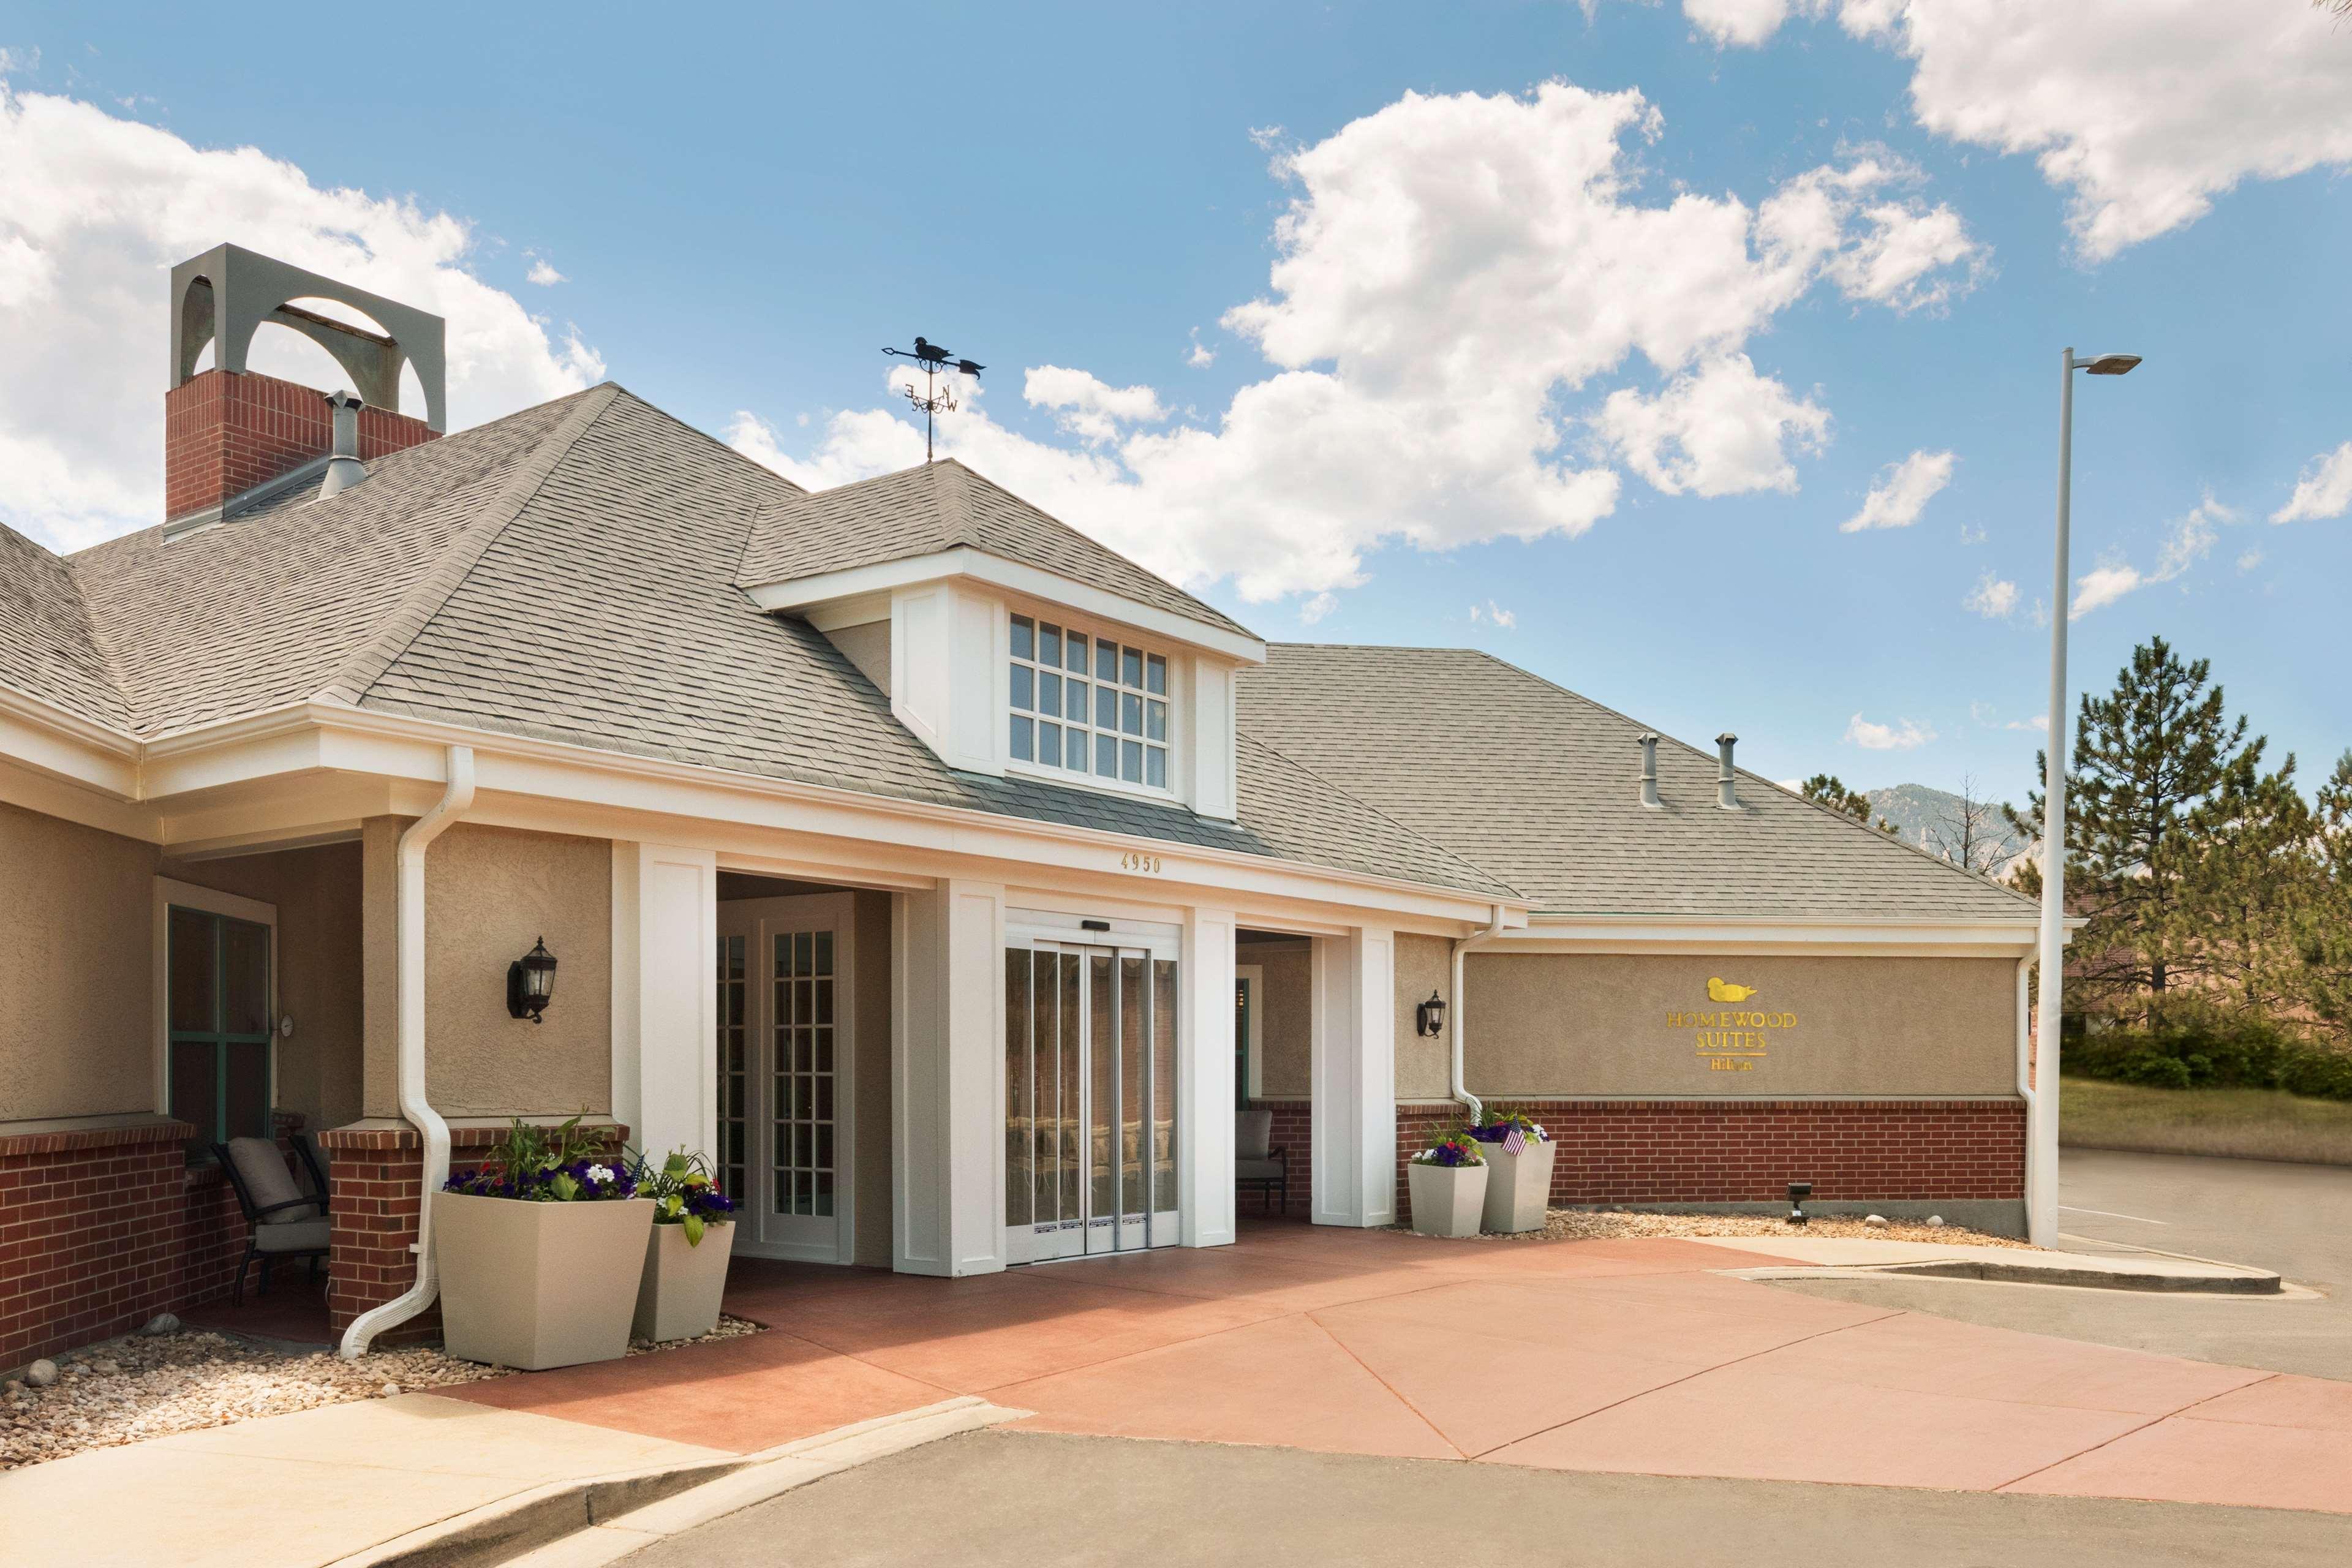 Homewood Suites by Hilton - Boulder image 2